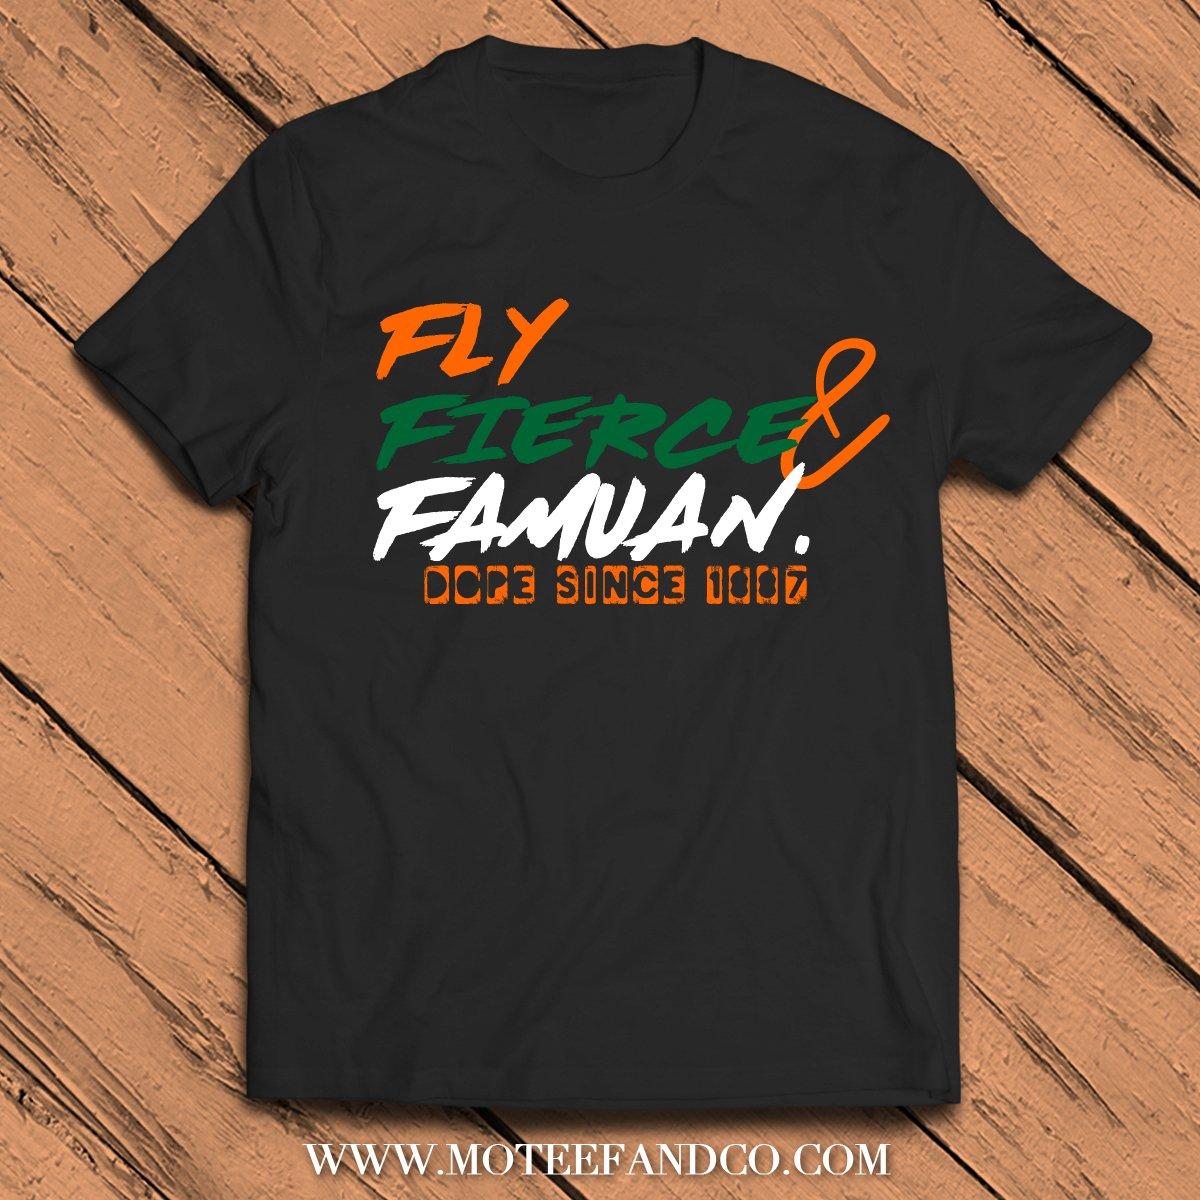 Image of FLY FIERCE FAMU